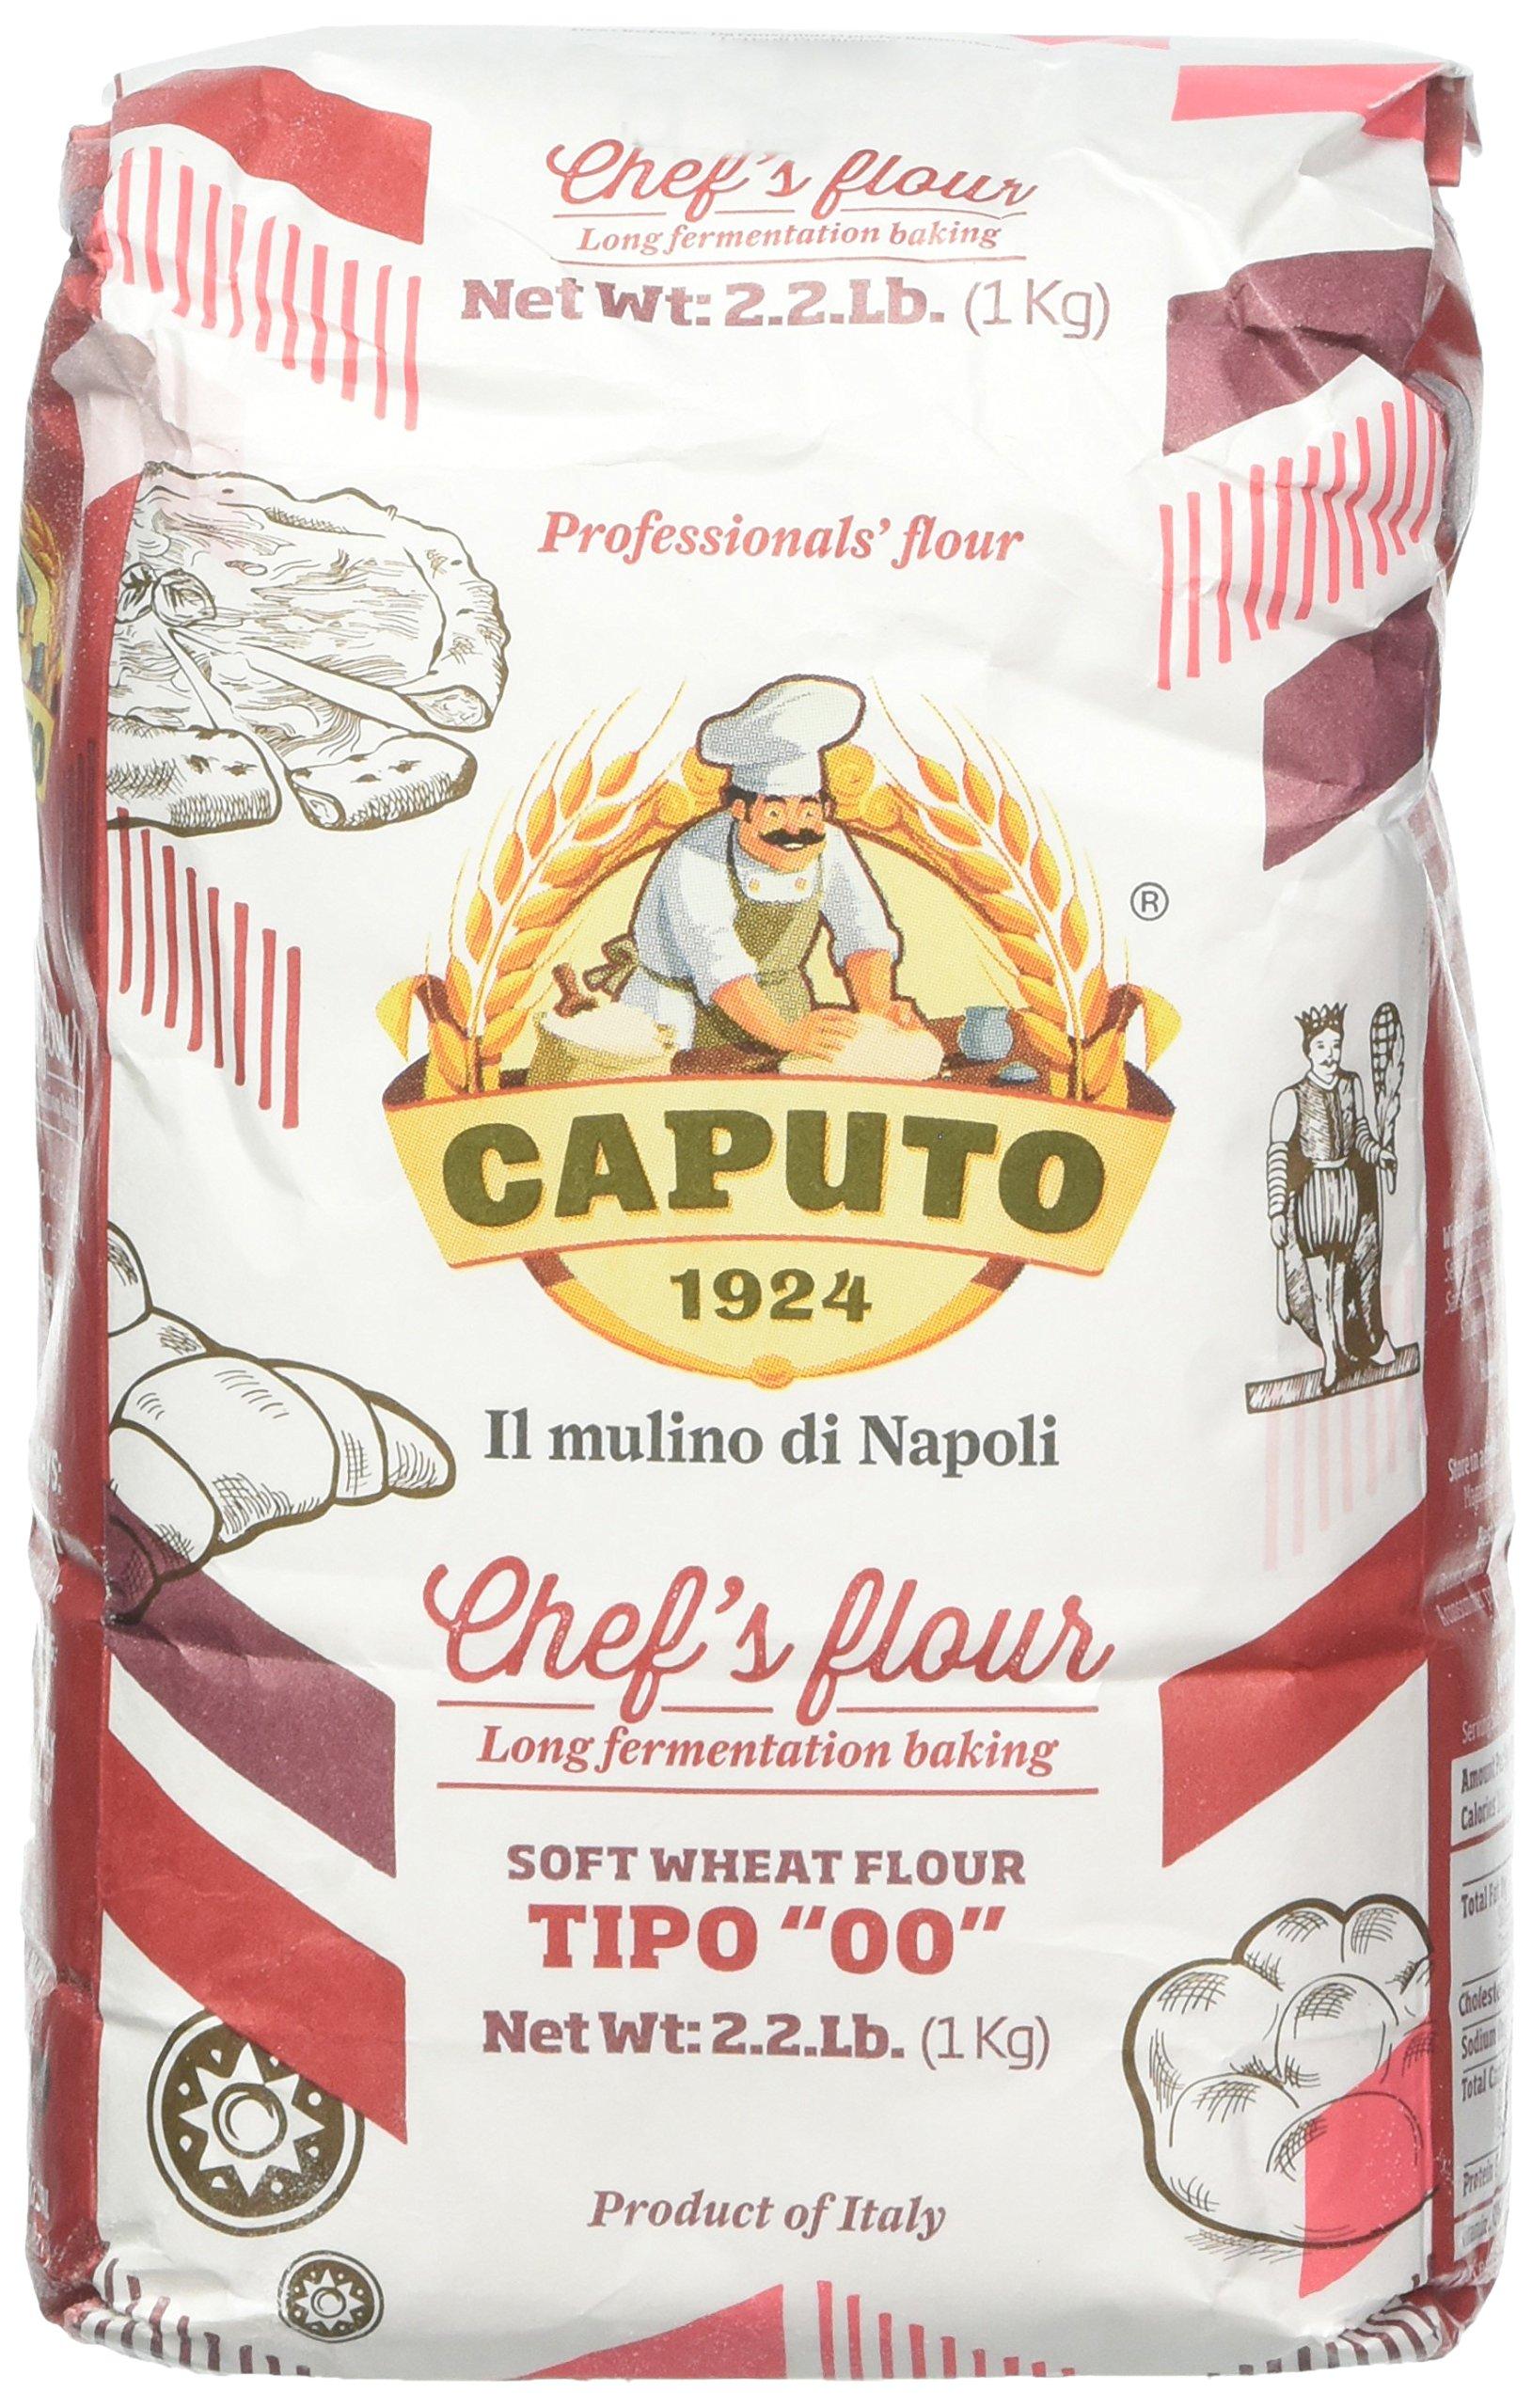 Antimo Caputo ''00'' Chef's Flour 2.2 Pound Bag Pack of 2